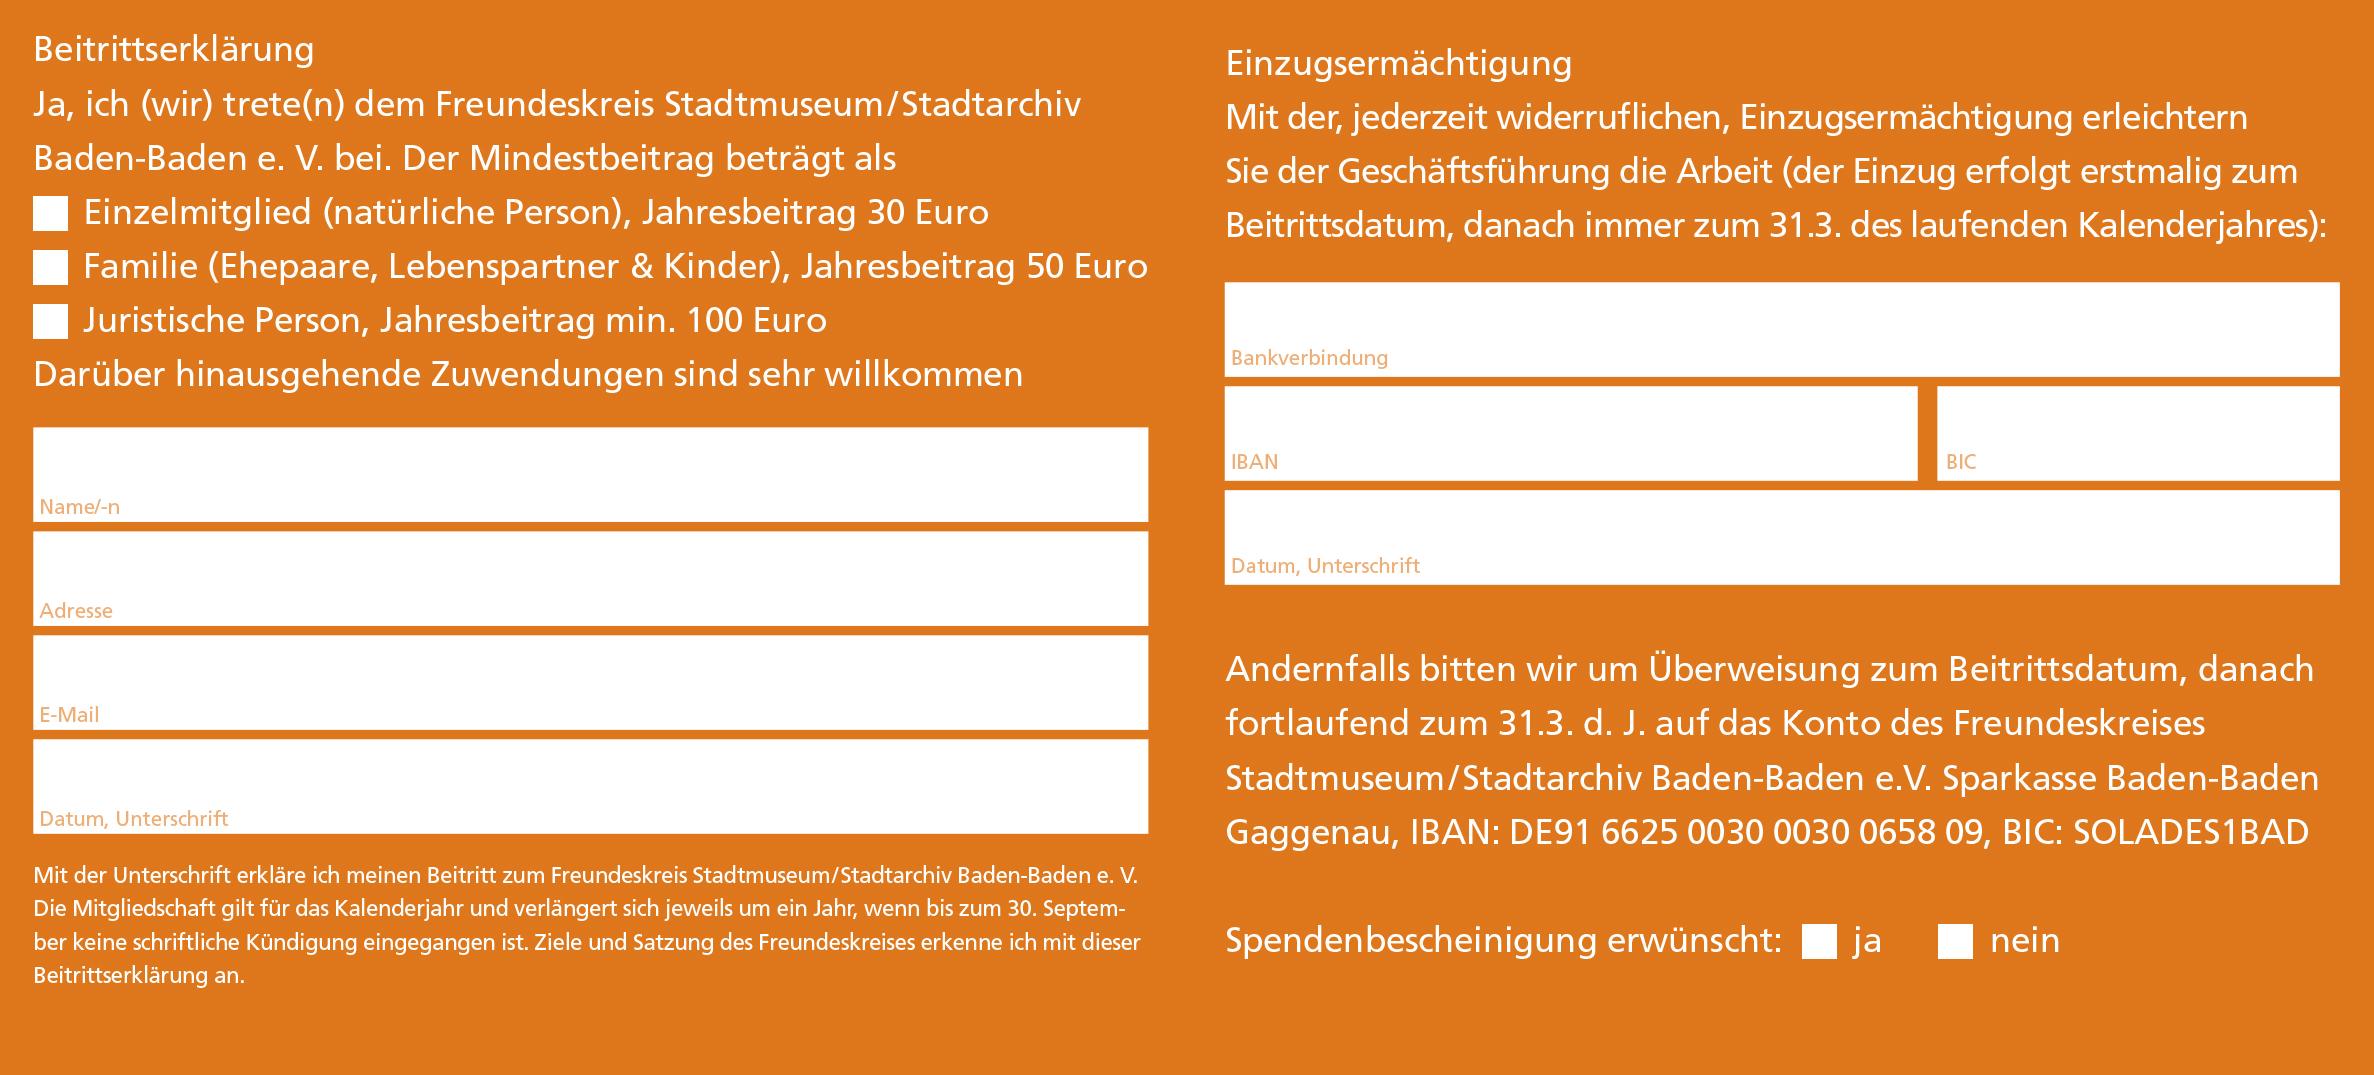 20150424 Stadtmuseum_Alleehaus_Flyer_07_Einzelseiten.indd